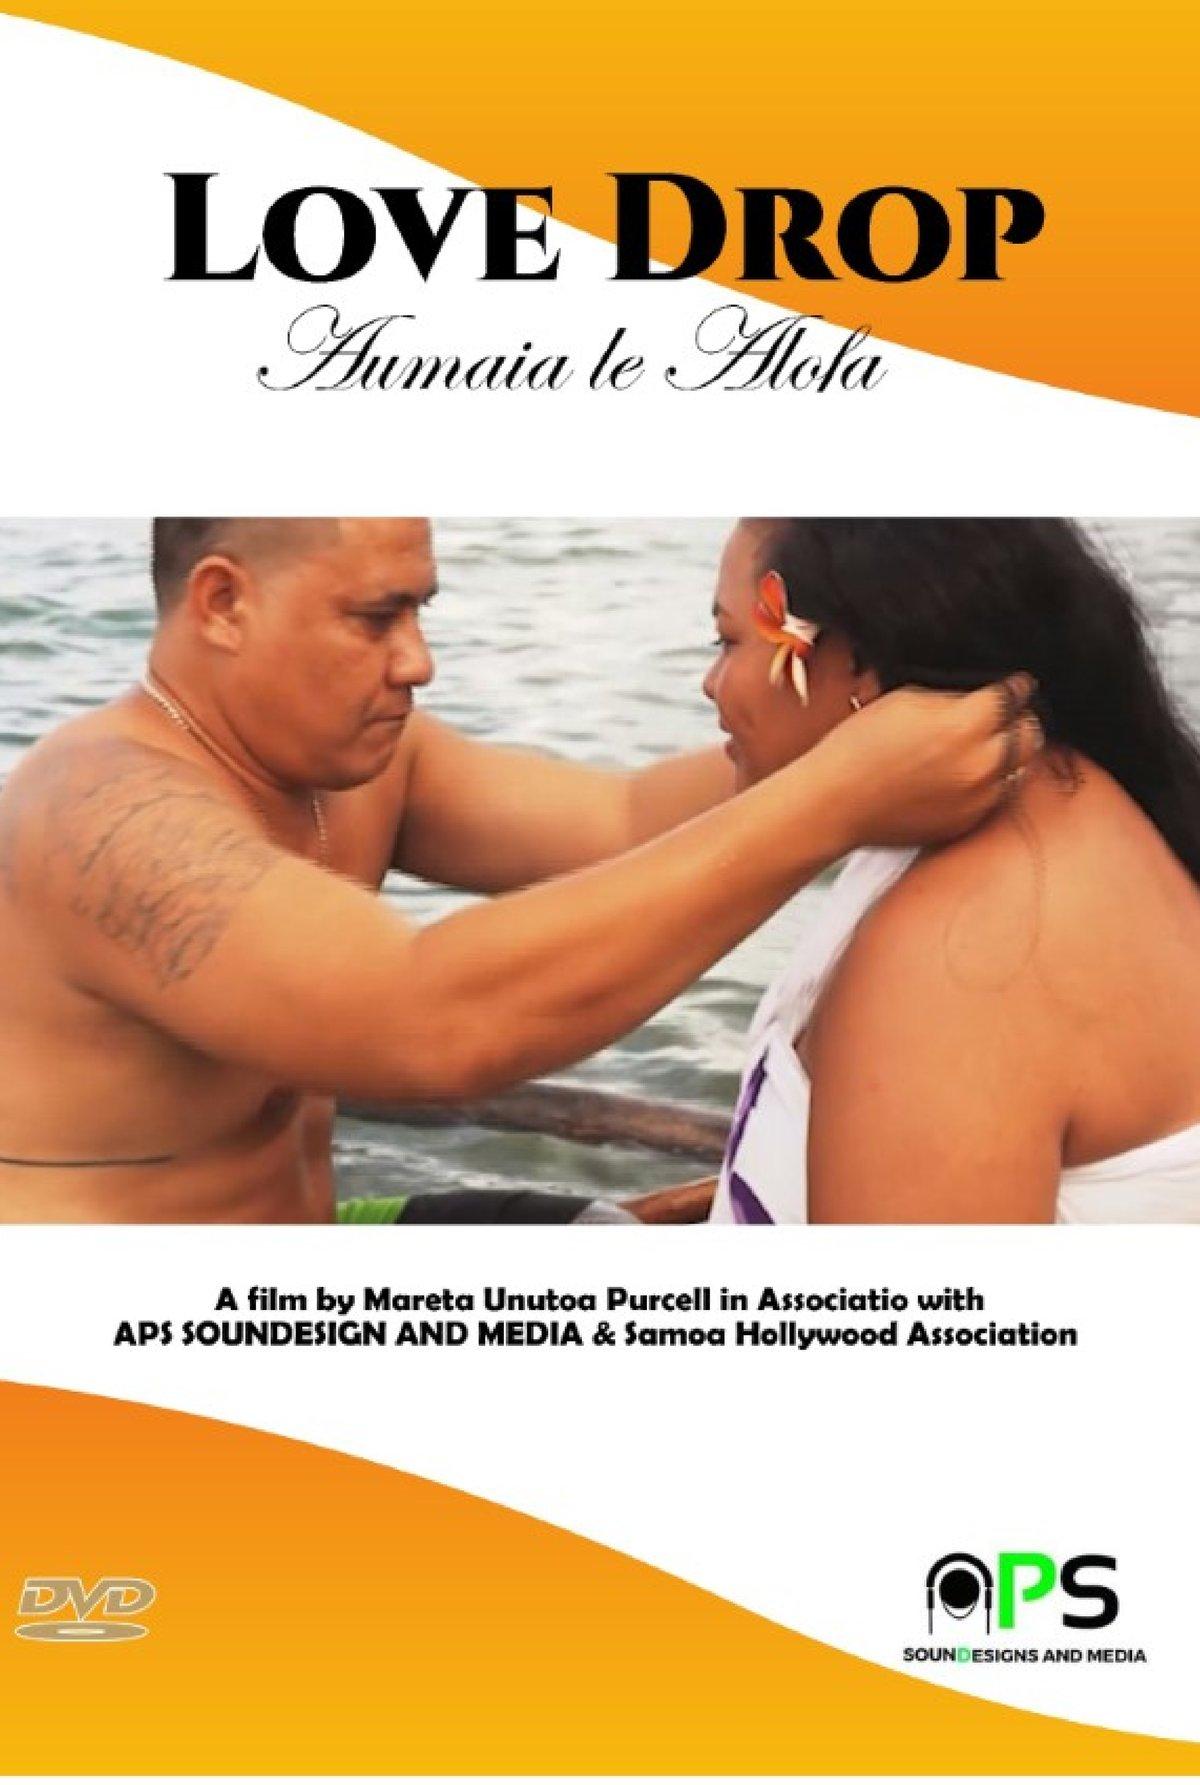 Image of Aumaia le Alofa